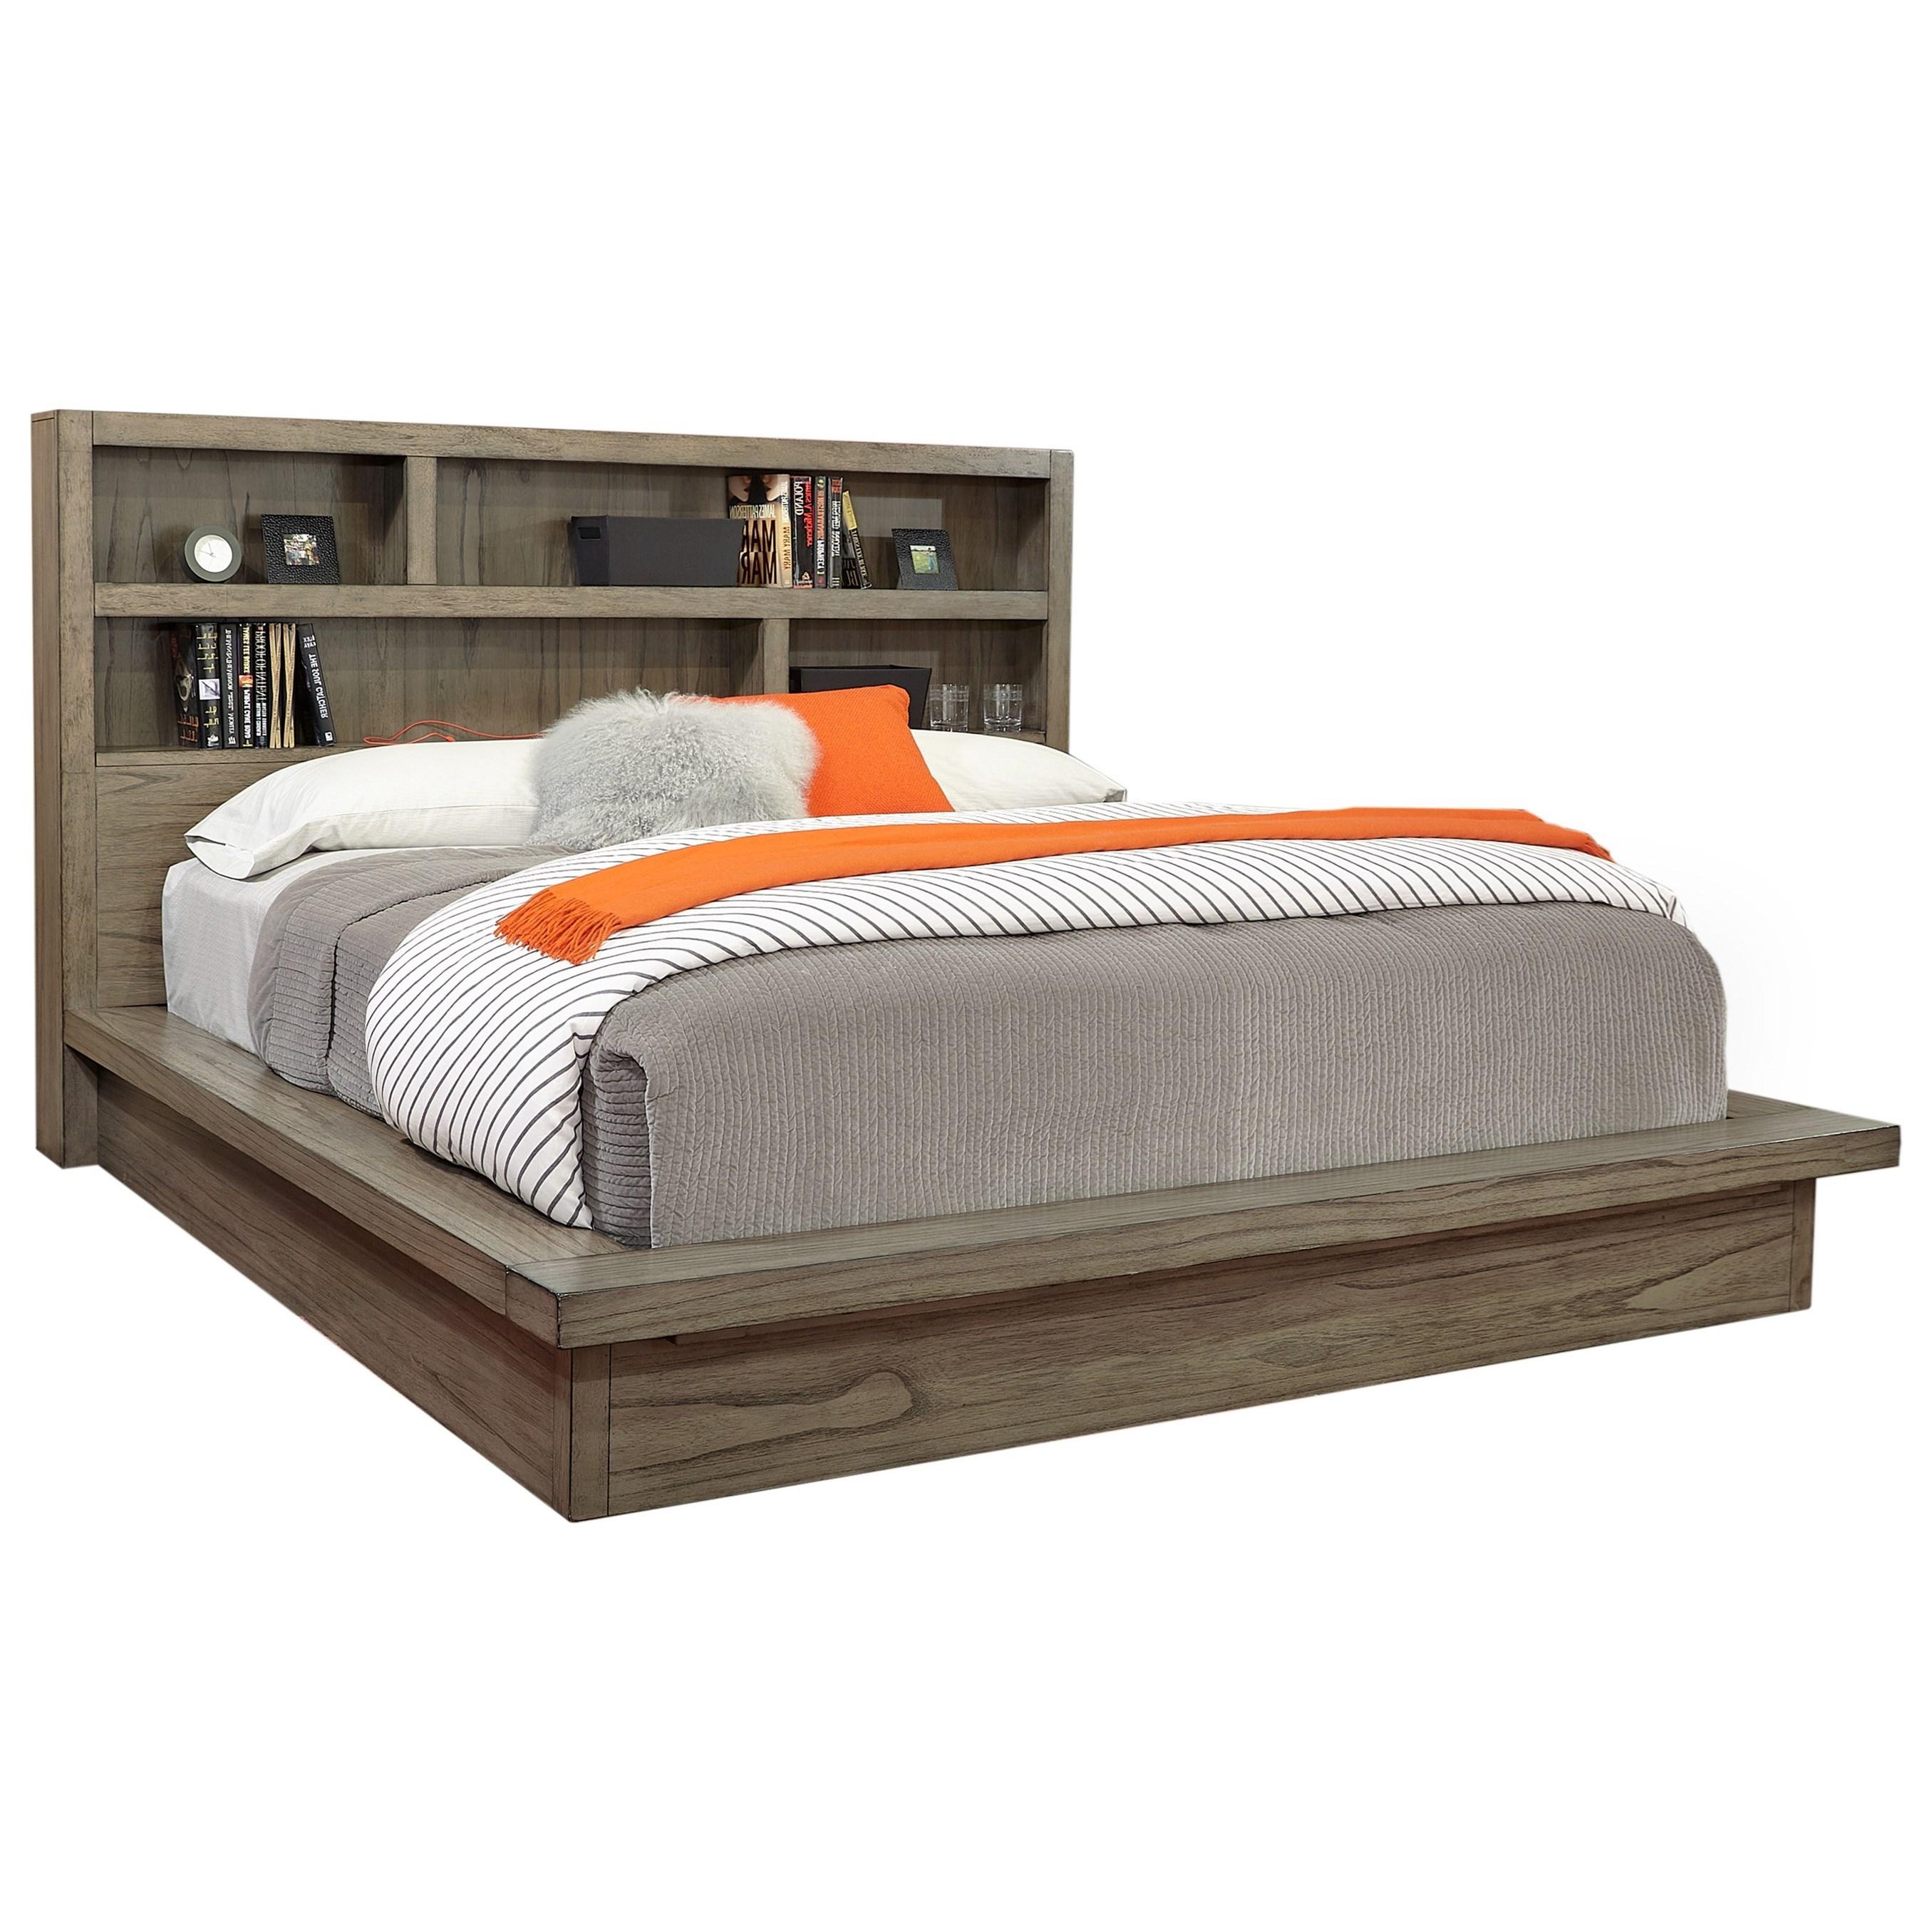 Modern Loft King Platform Bed by Aspenhome at Baer's Furniture